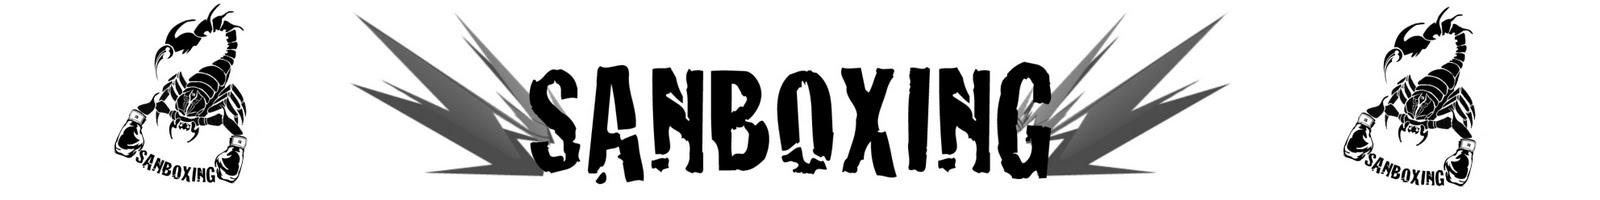 Sanboxing - MMA wear - boxes, luttes et grappling, combats au sol